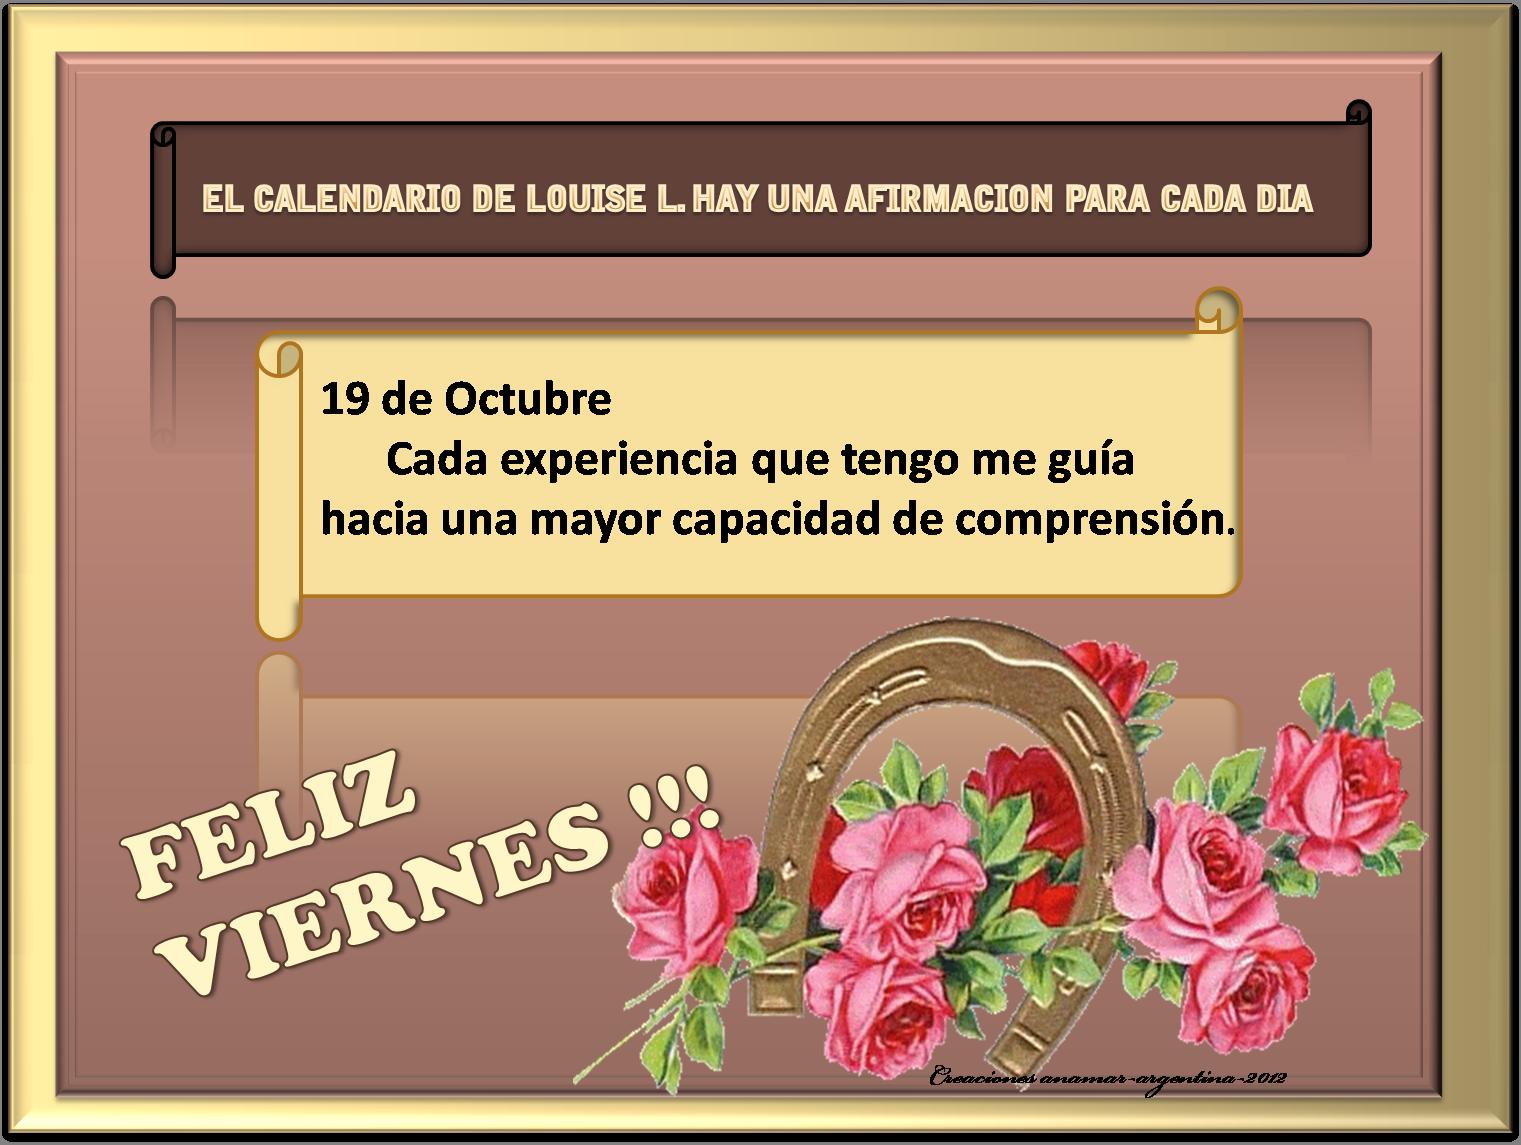 19 octubre, 2012 | El tamaño completo es de 1521 × 1145 pixels